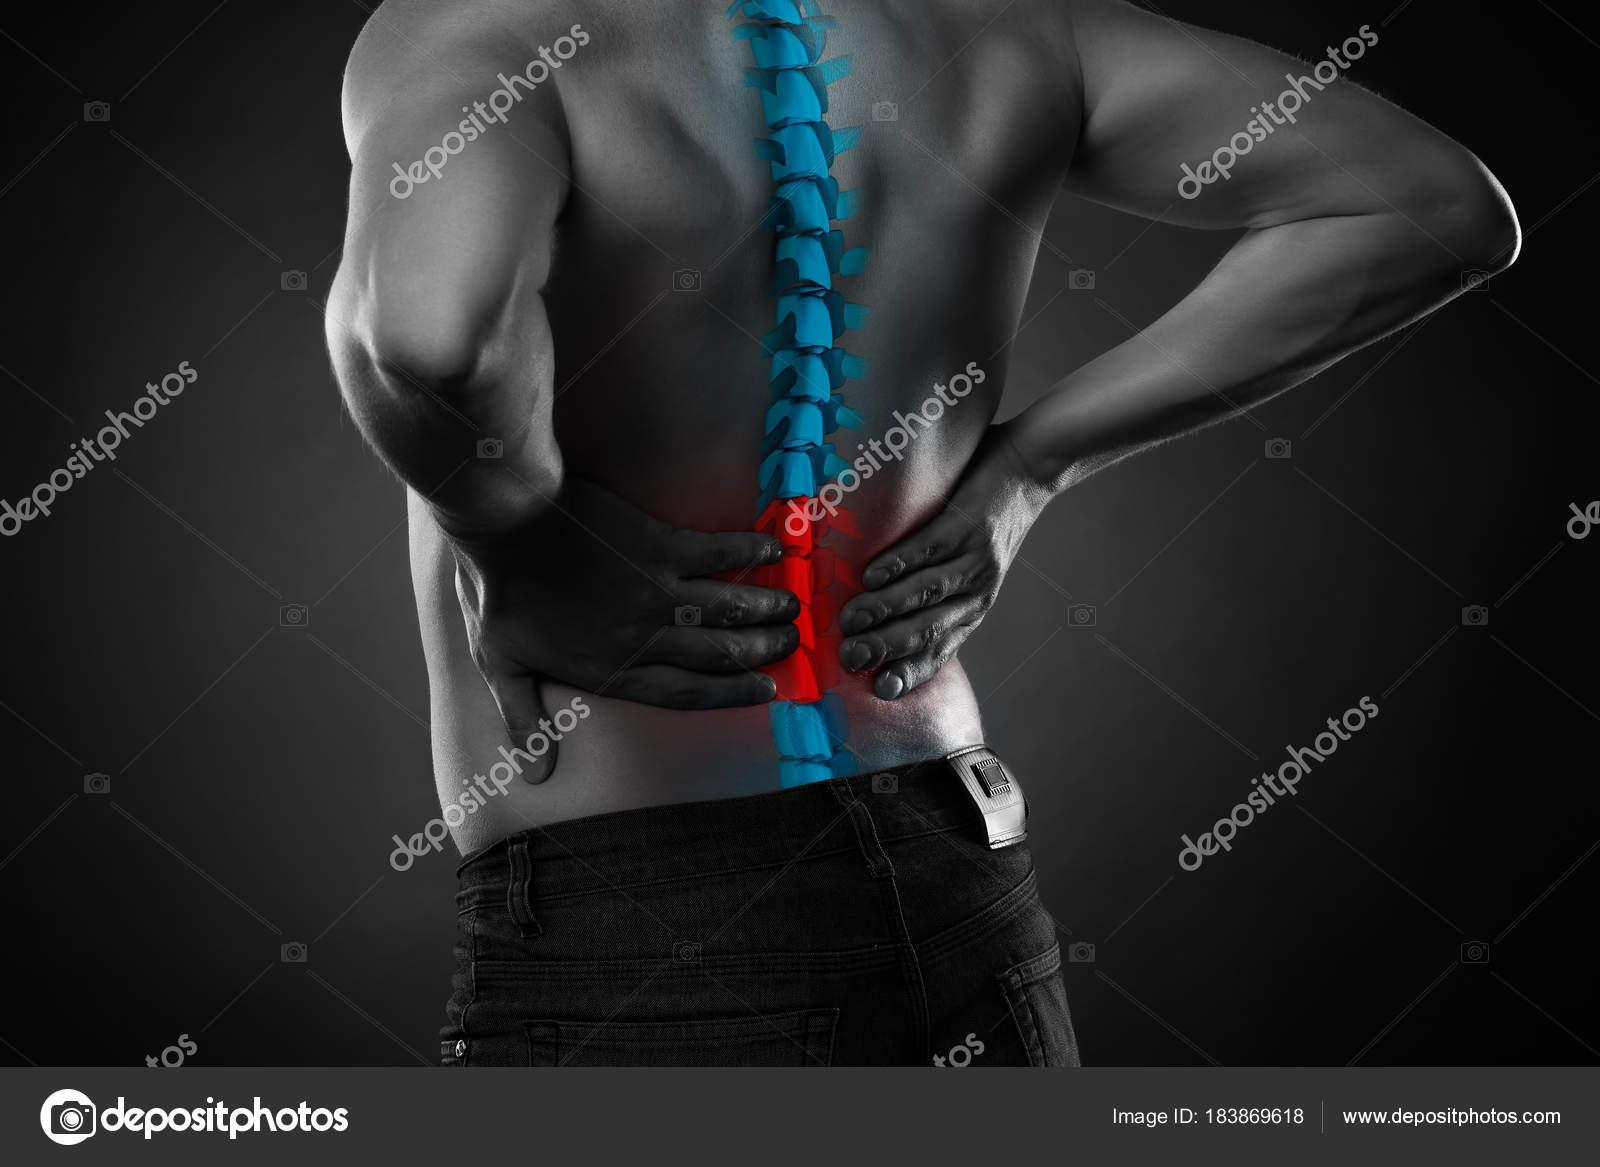 Schmerzen in der Wirbelsäule, ein Mann mit Rückenschmerzen ...